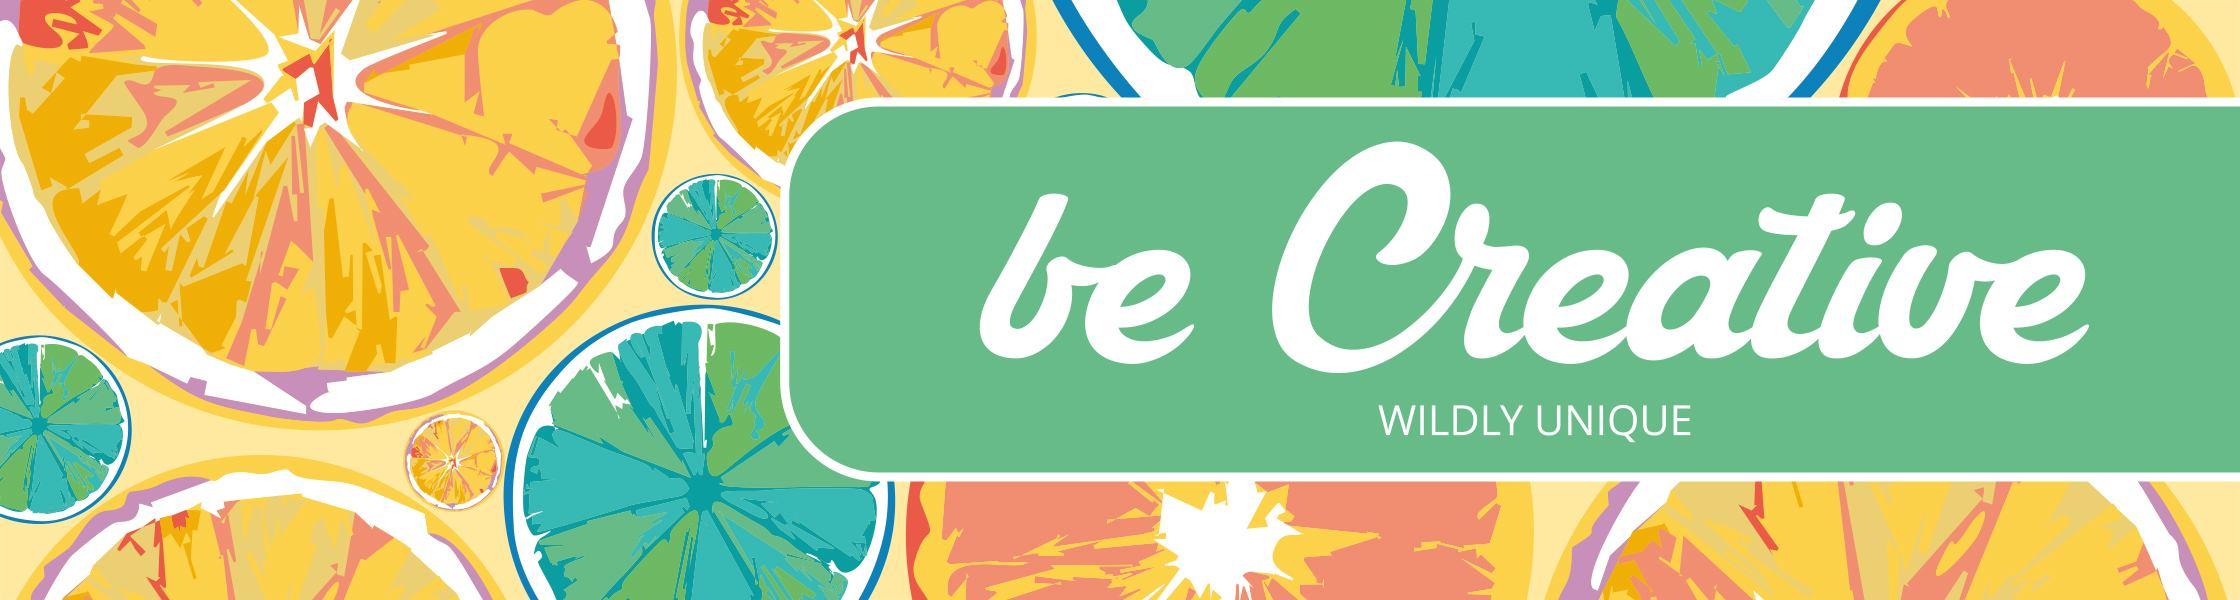 Scopri il nostro nuovo catalogo digitale BE CREATIVE!